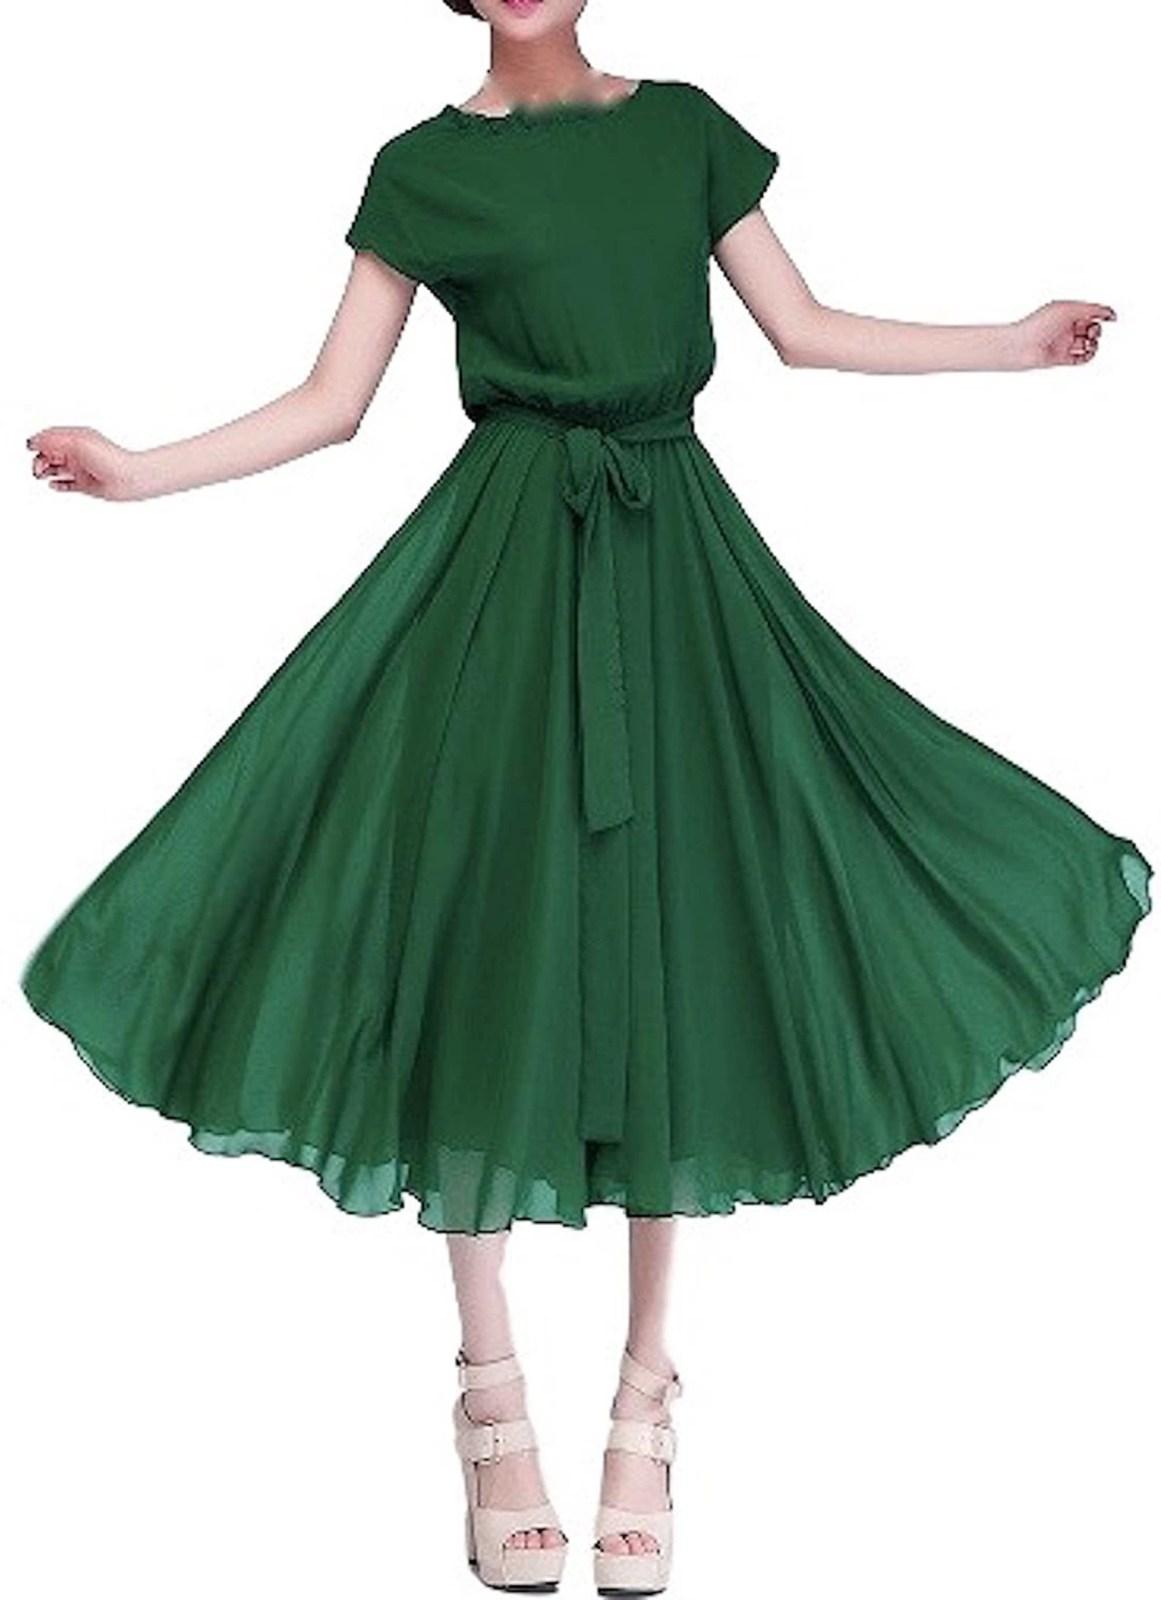 レディース ファッション ワンピース パール・シフォン ロング ドレス・グリーン・M